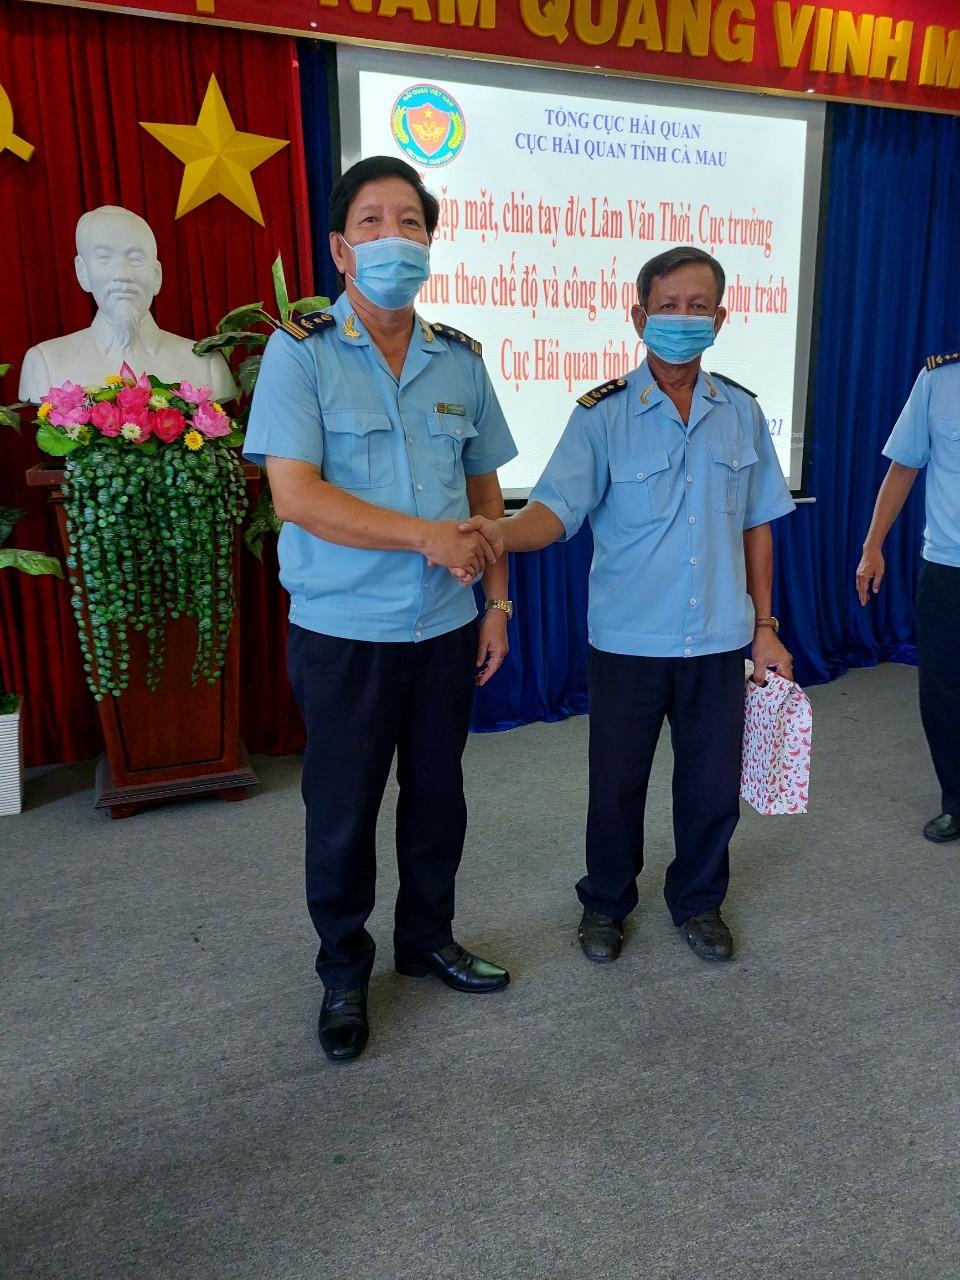 Ông Nguyễn Minh Chiếm ( trái) và ông Lâm Văn Thời tại Hội nghị